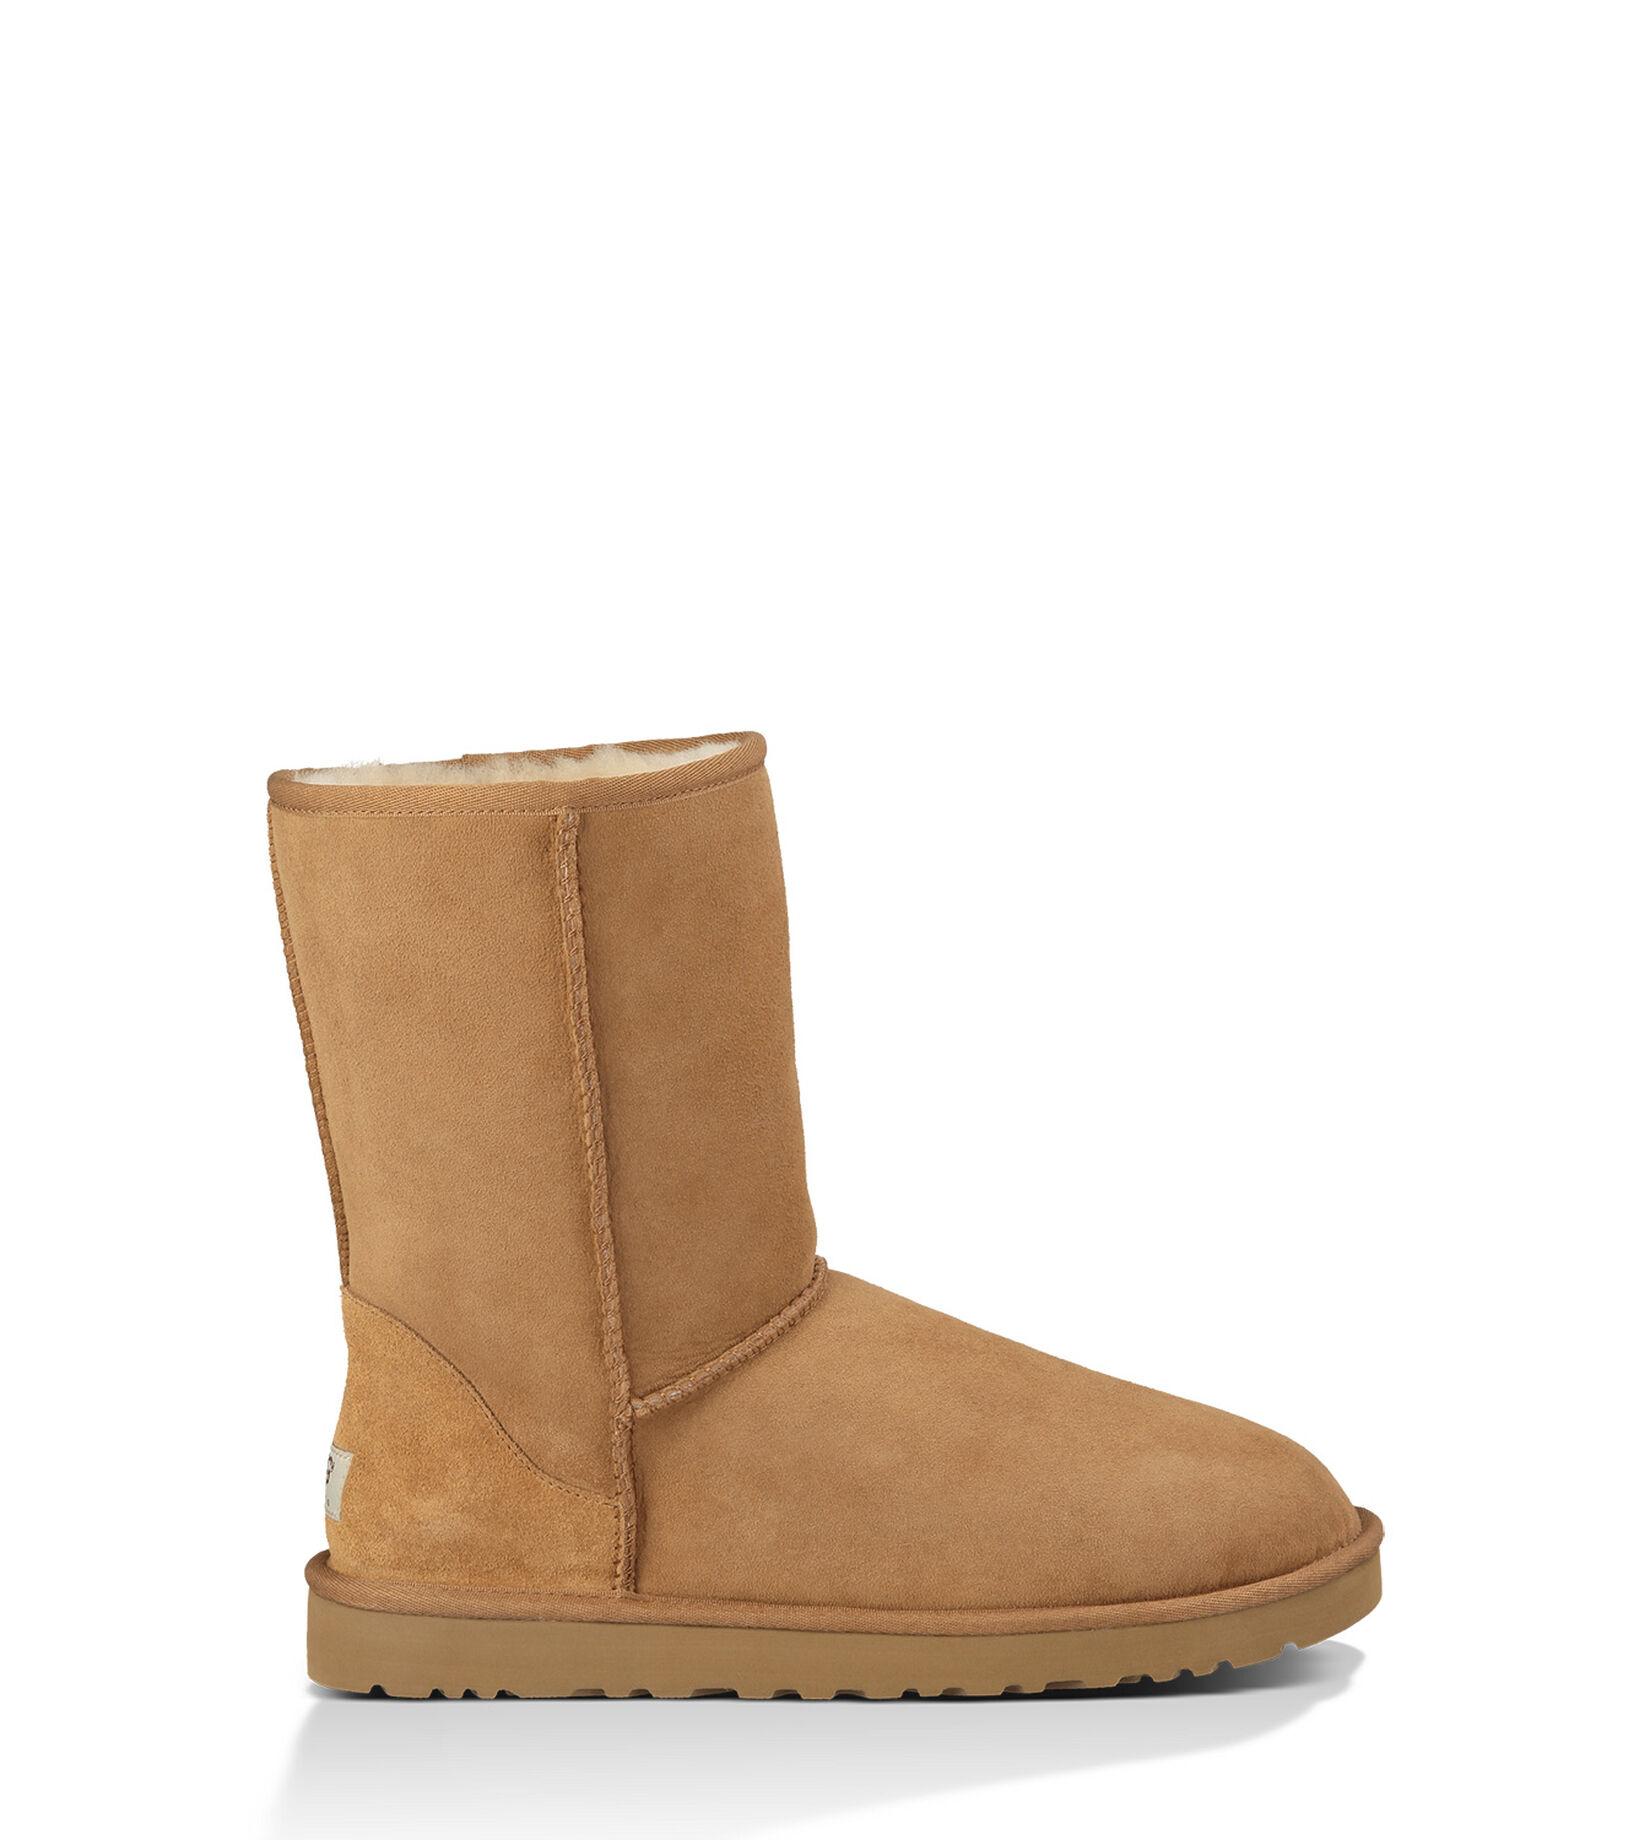 UGG (アグ) メンズ ブーツ CLASSIC SHORT - クラシックショート Chestnut, 27.0